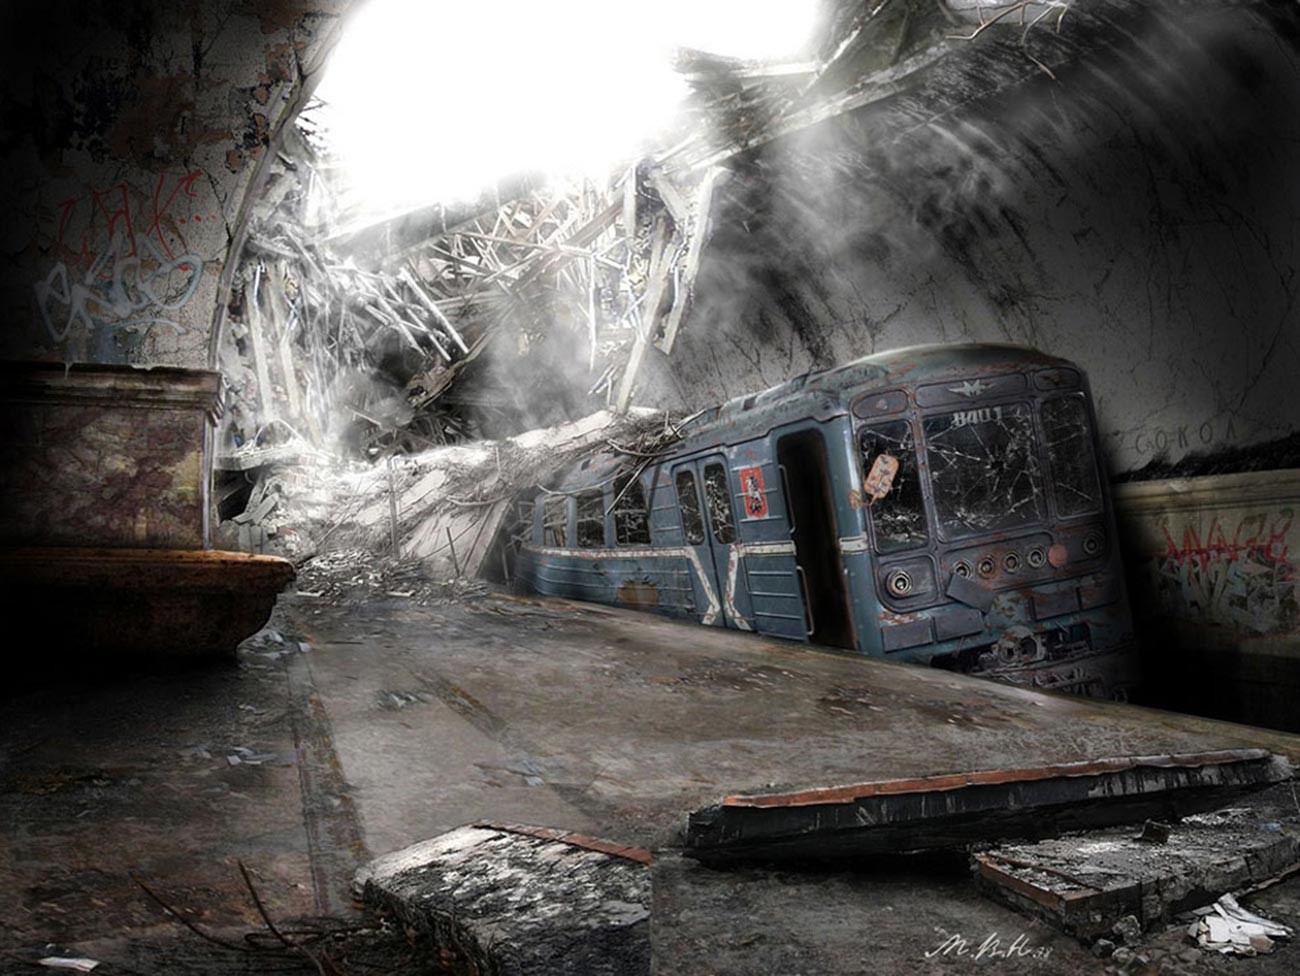 ウラジーミル・マニュヒン、「地下鉄」、2010年